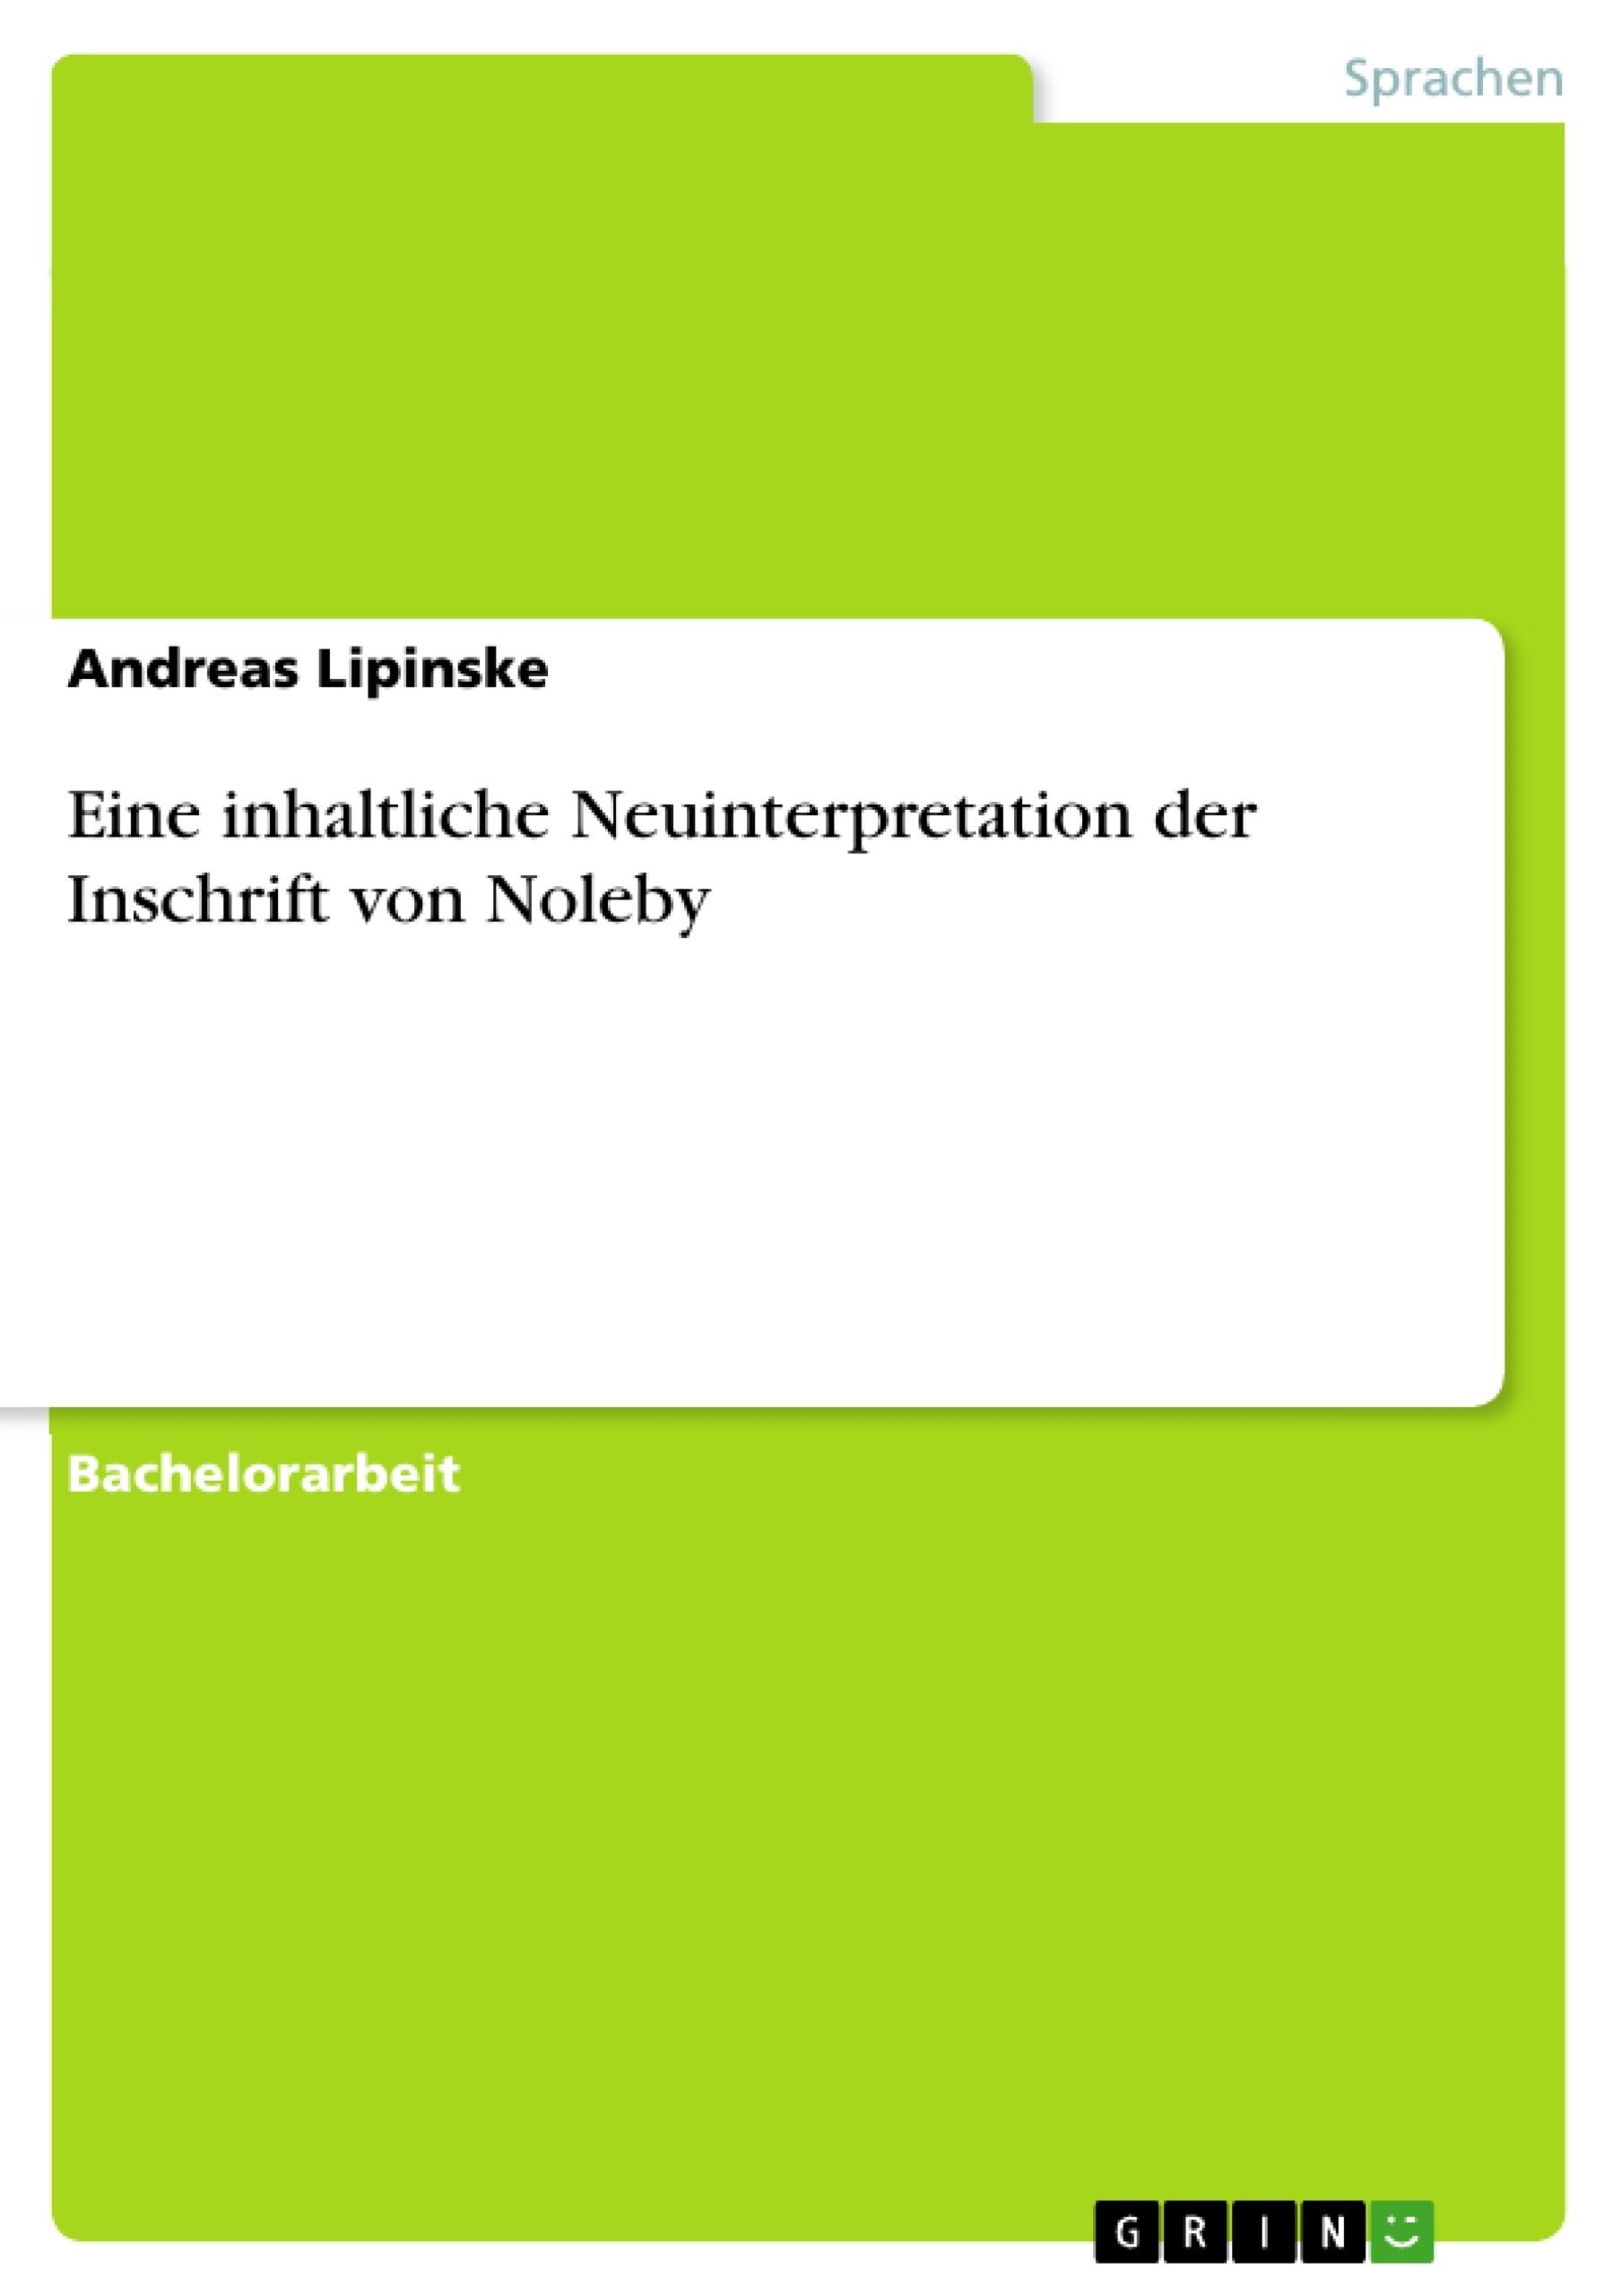 Titel: Eine inhaltliche Neuinterpretation der Inschrift von Noleby